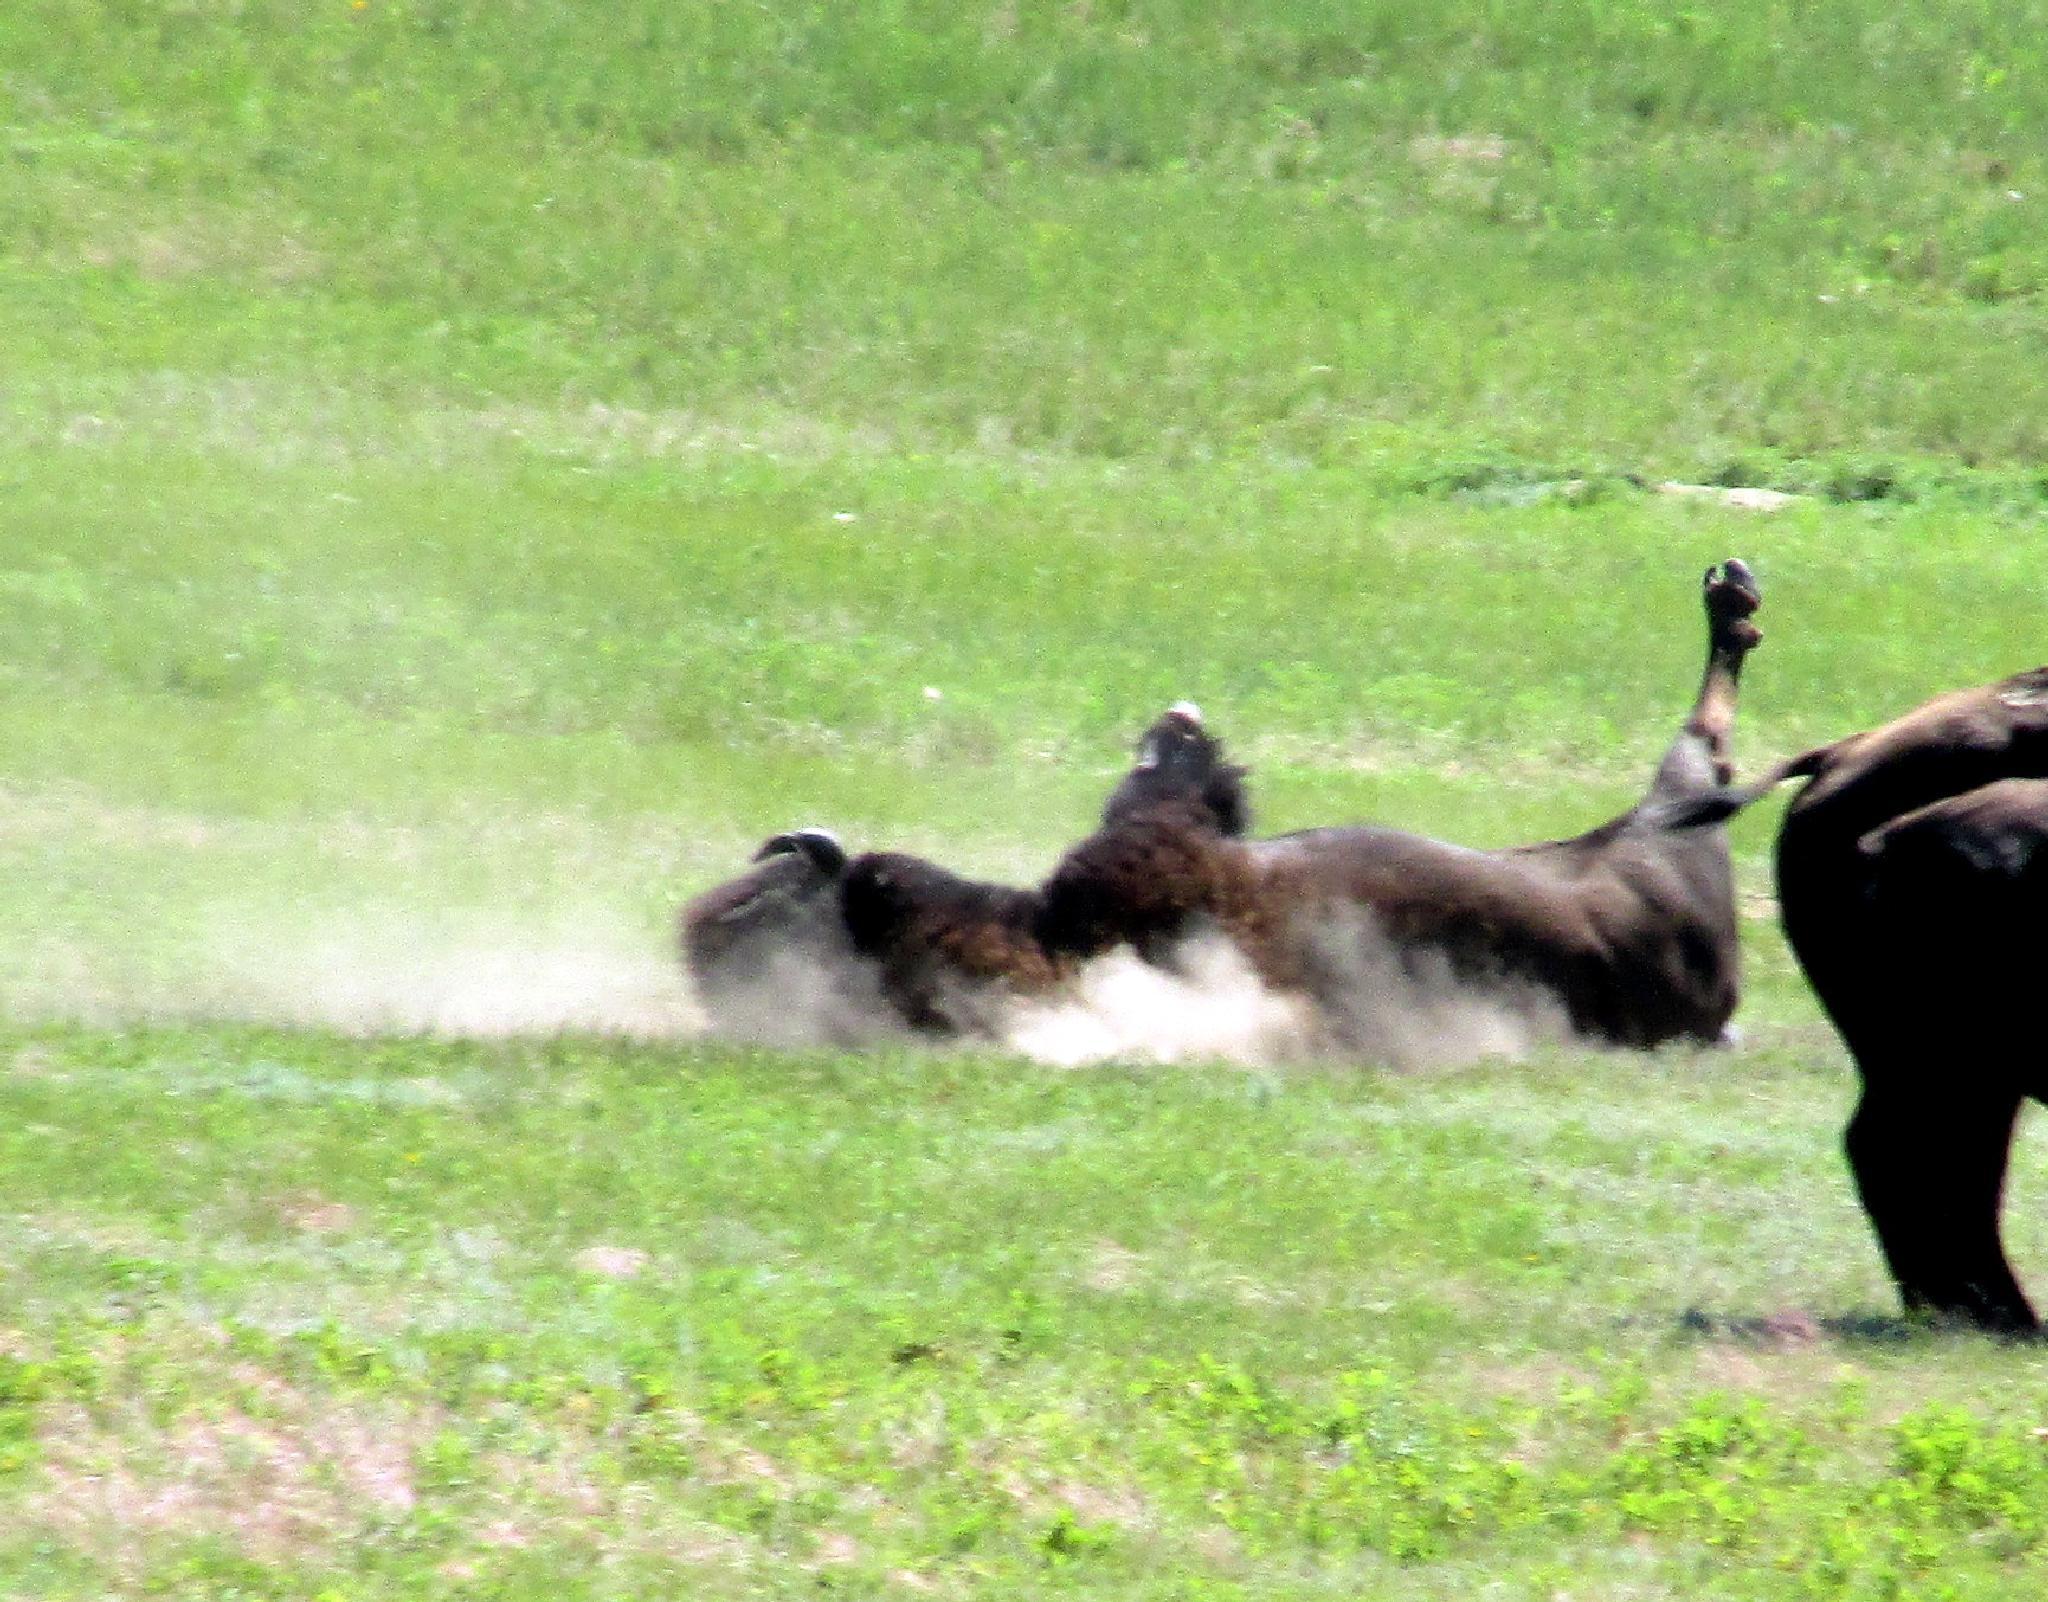 Buffalo dusting itself by jemagurl